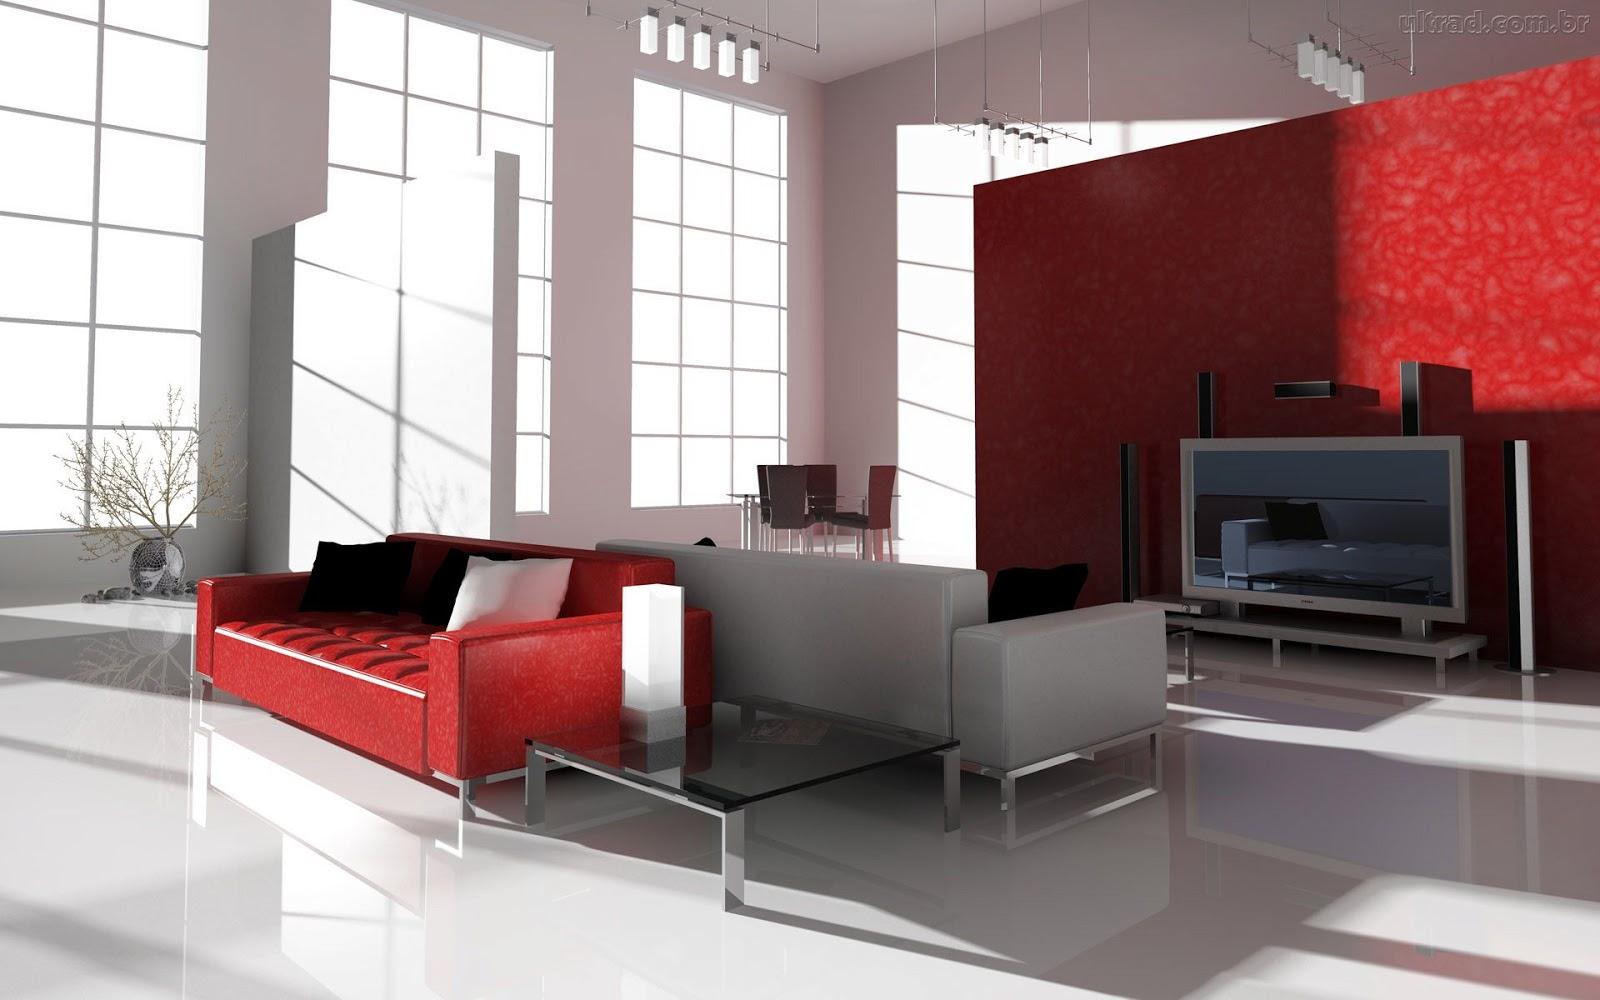 Ancora muebles - Decoracion d interiores ...